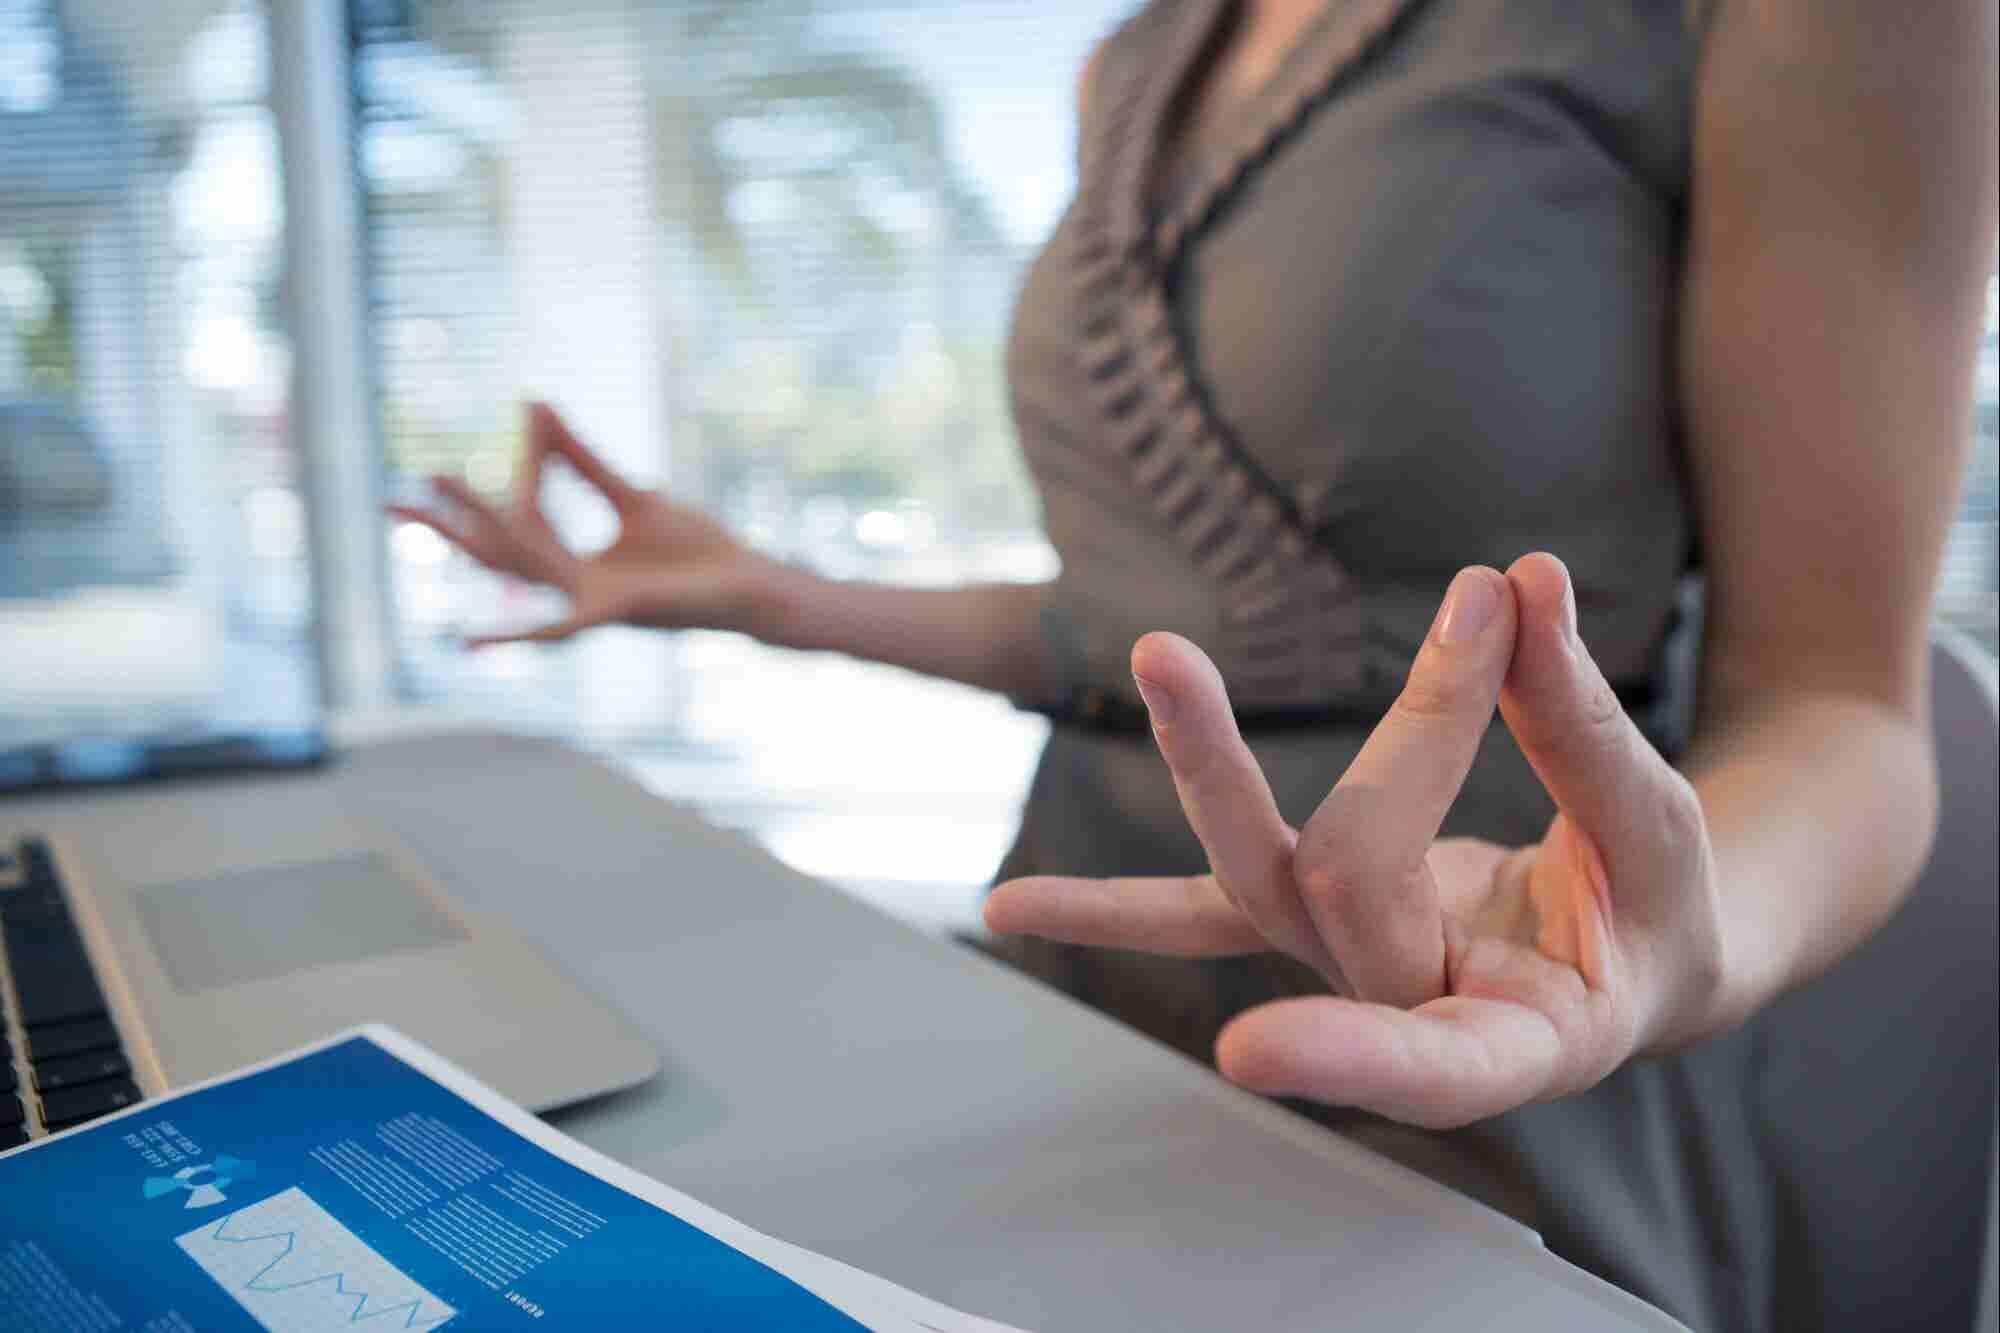 Encuentra tu centro: Cómo lidiar con el estrés en la oficina